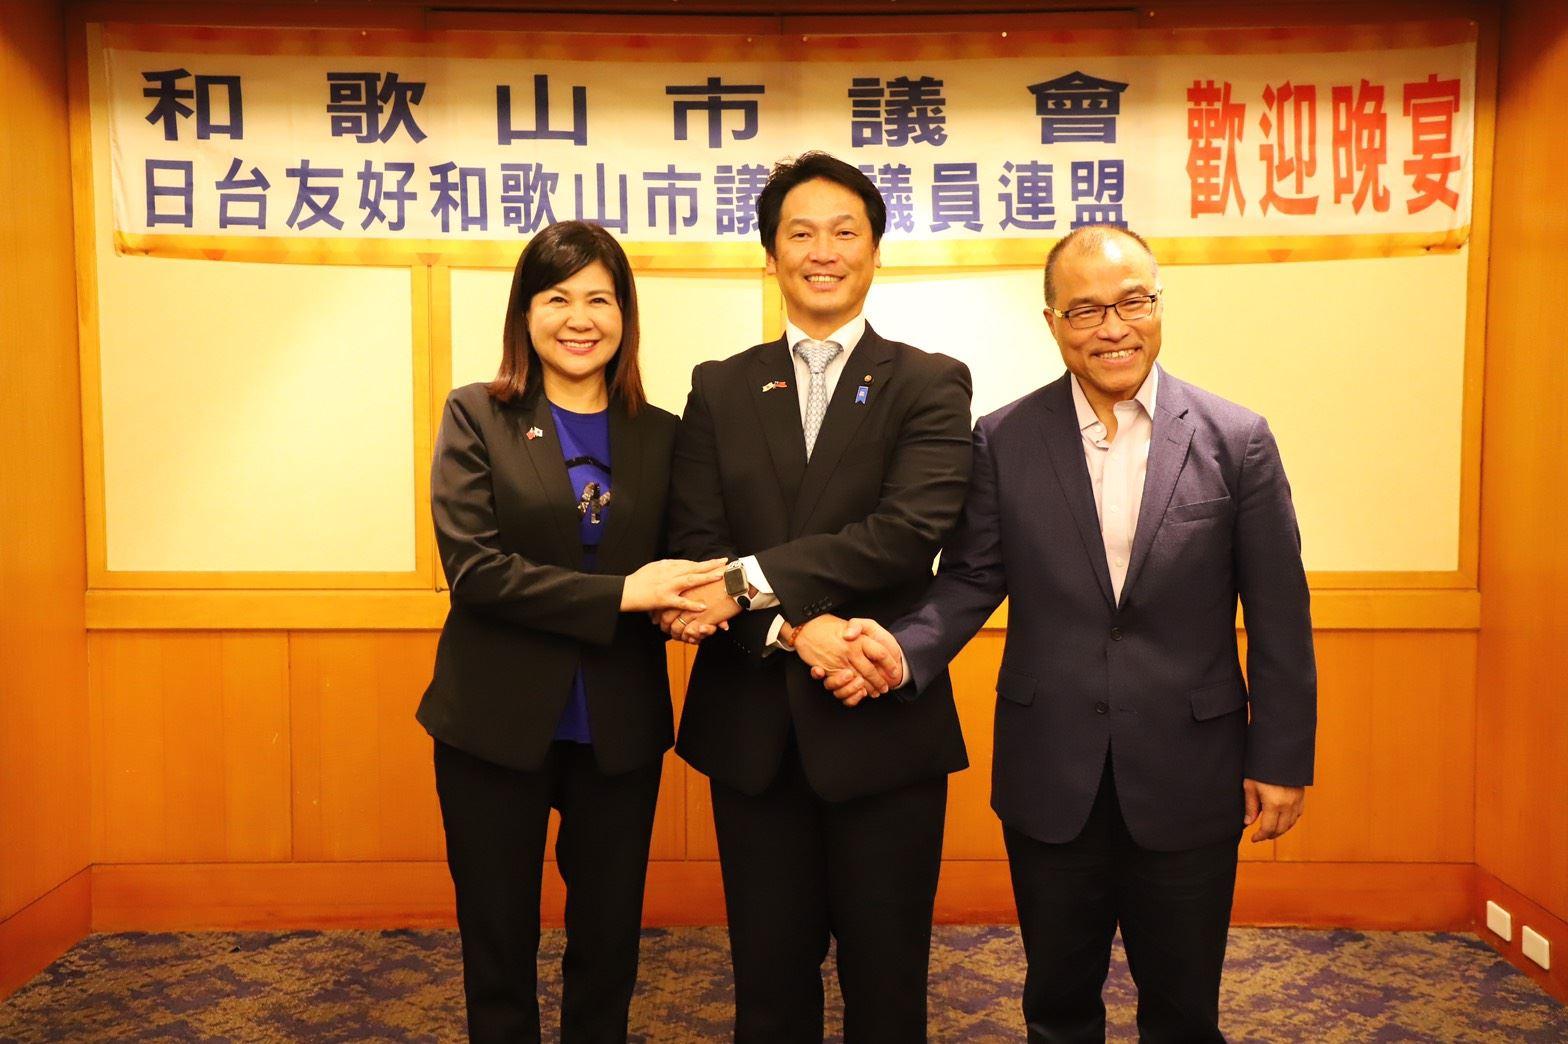 和歌山市議會訪高,議會攜手市府拼外交